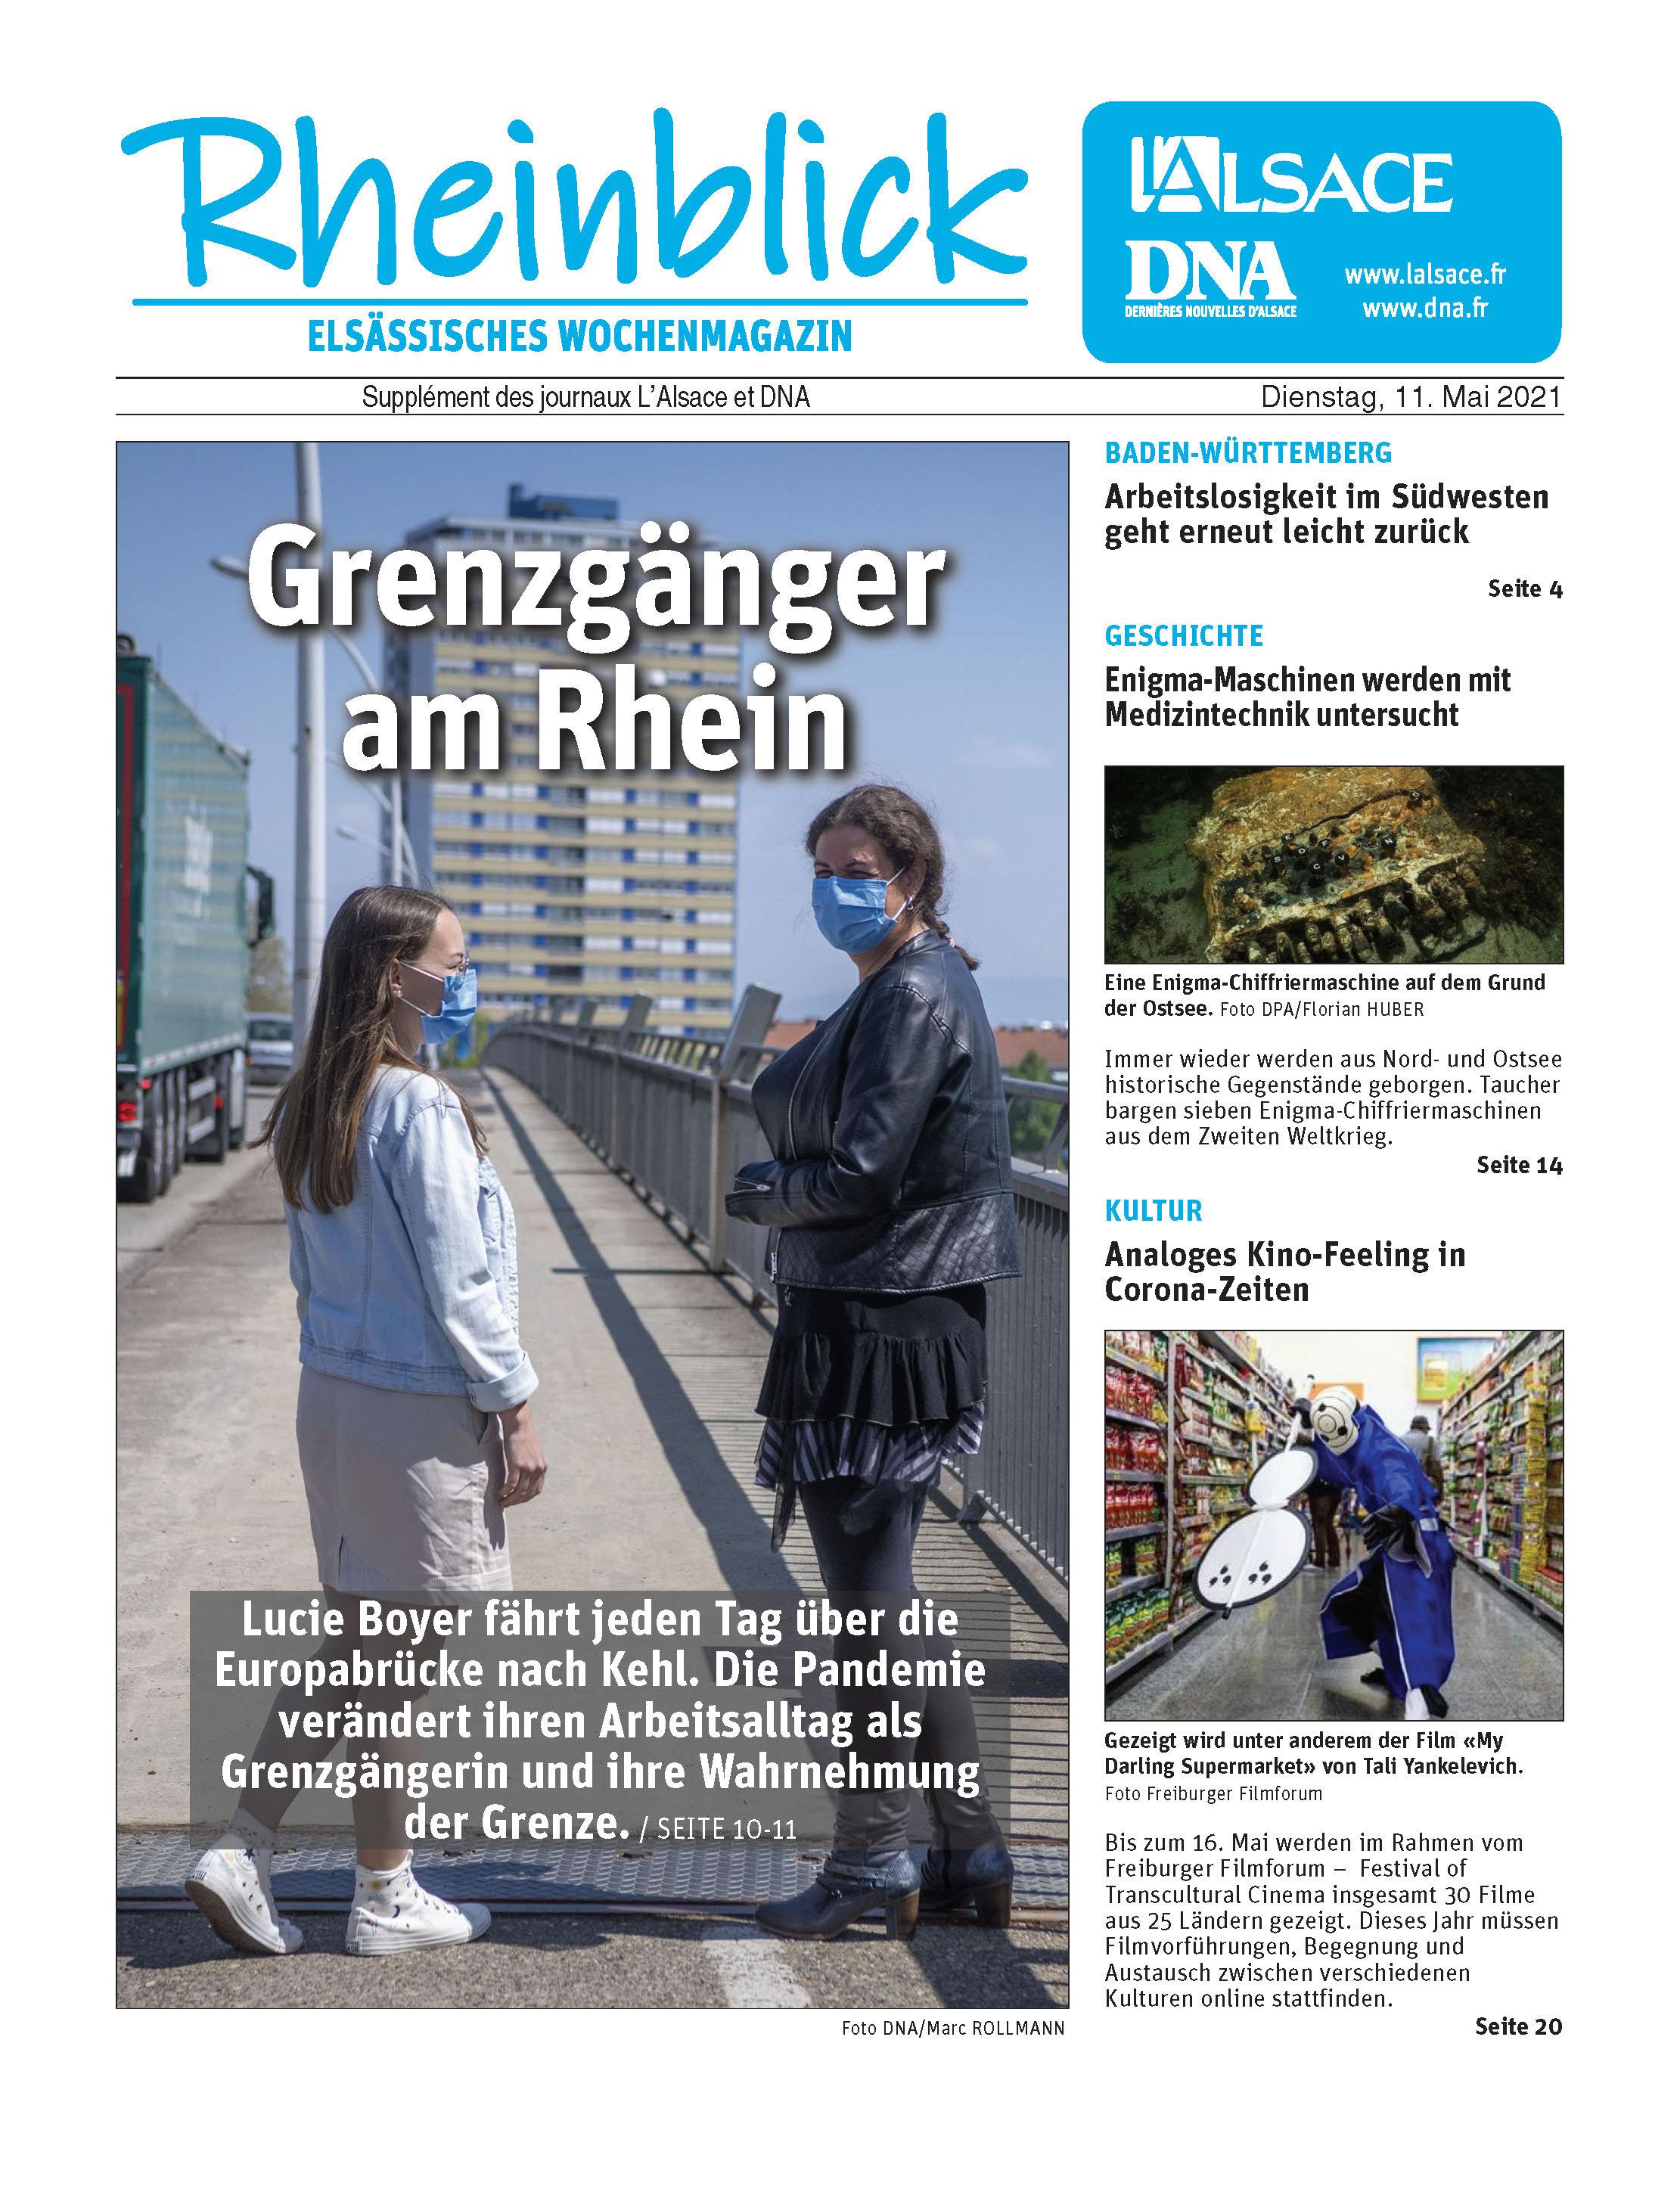 Rheinblick DNA_mai 2021